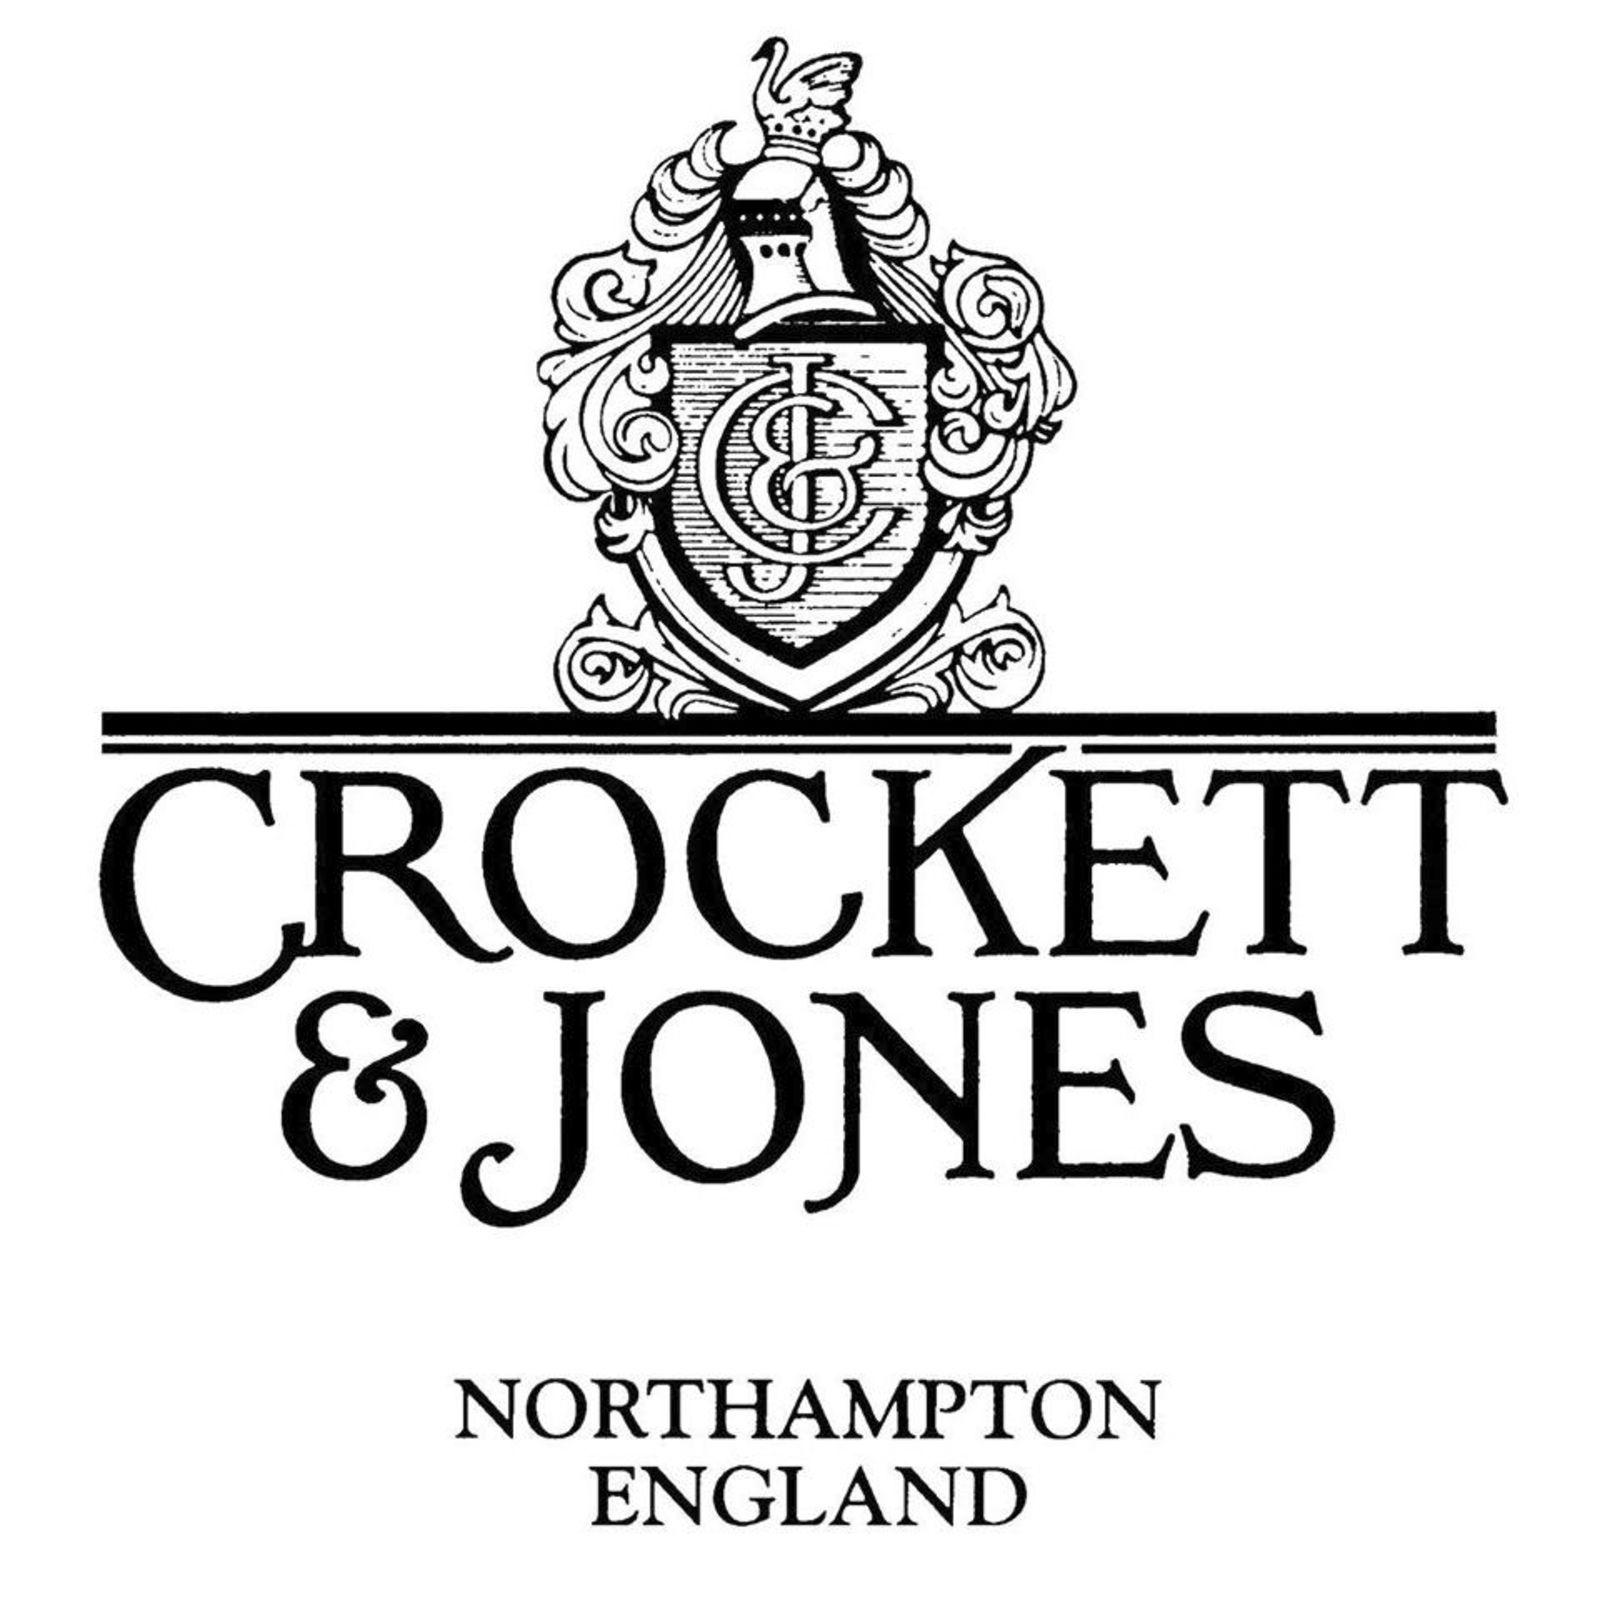 CROCKETT & JONES